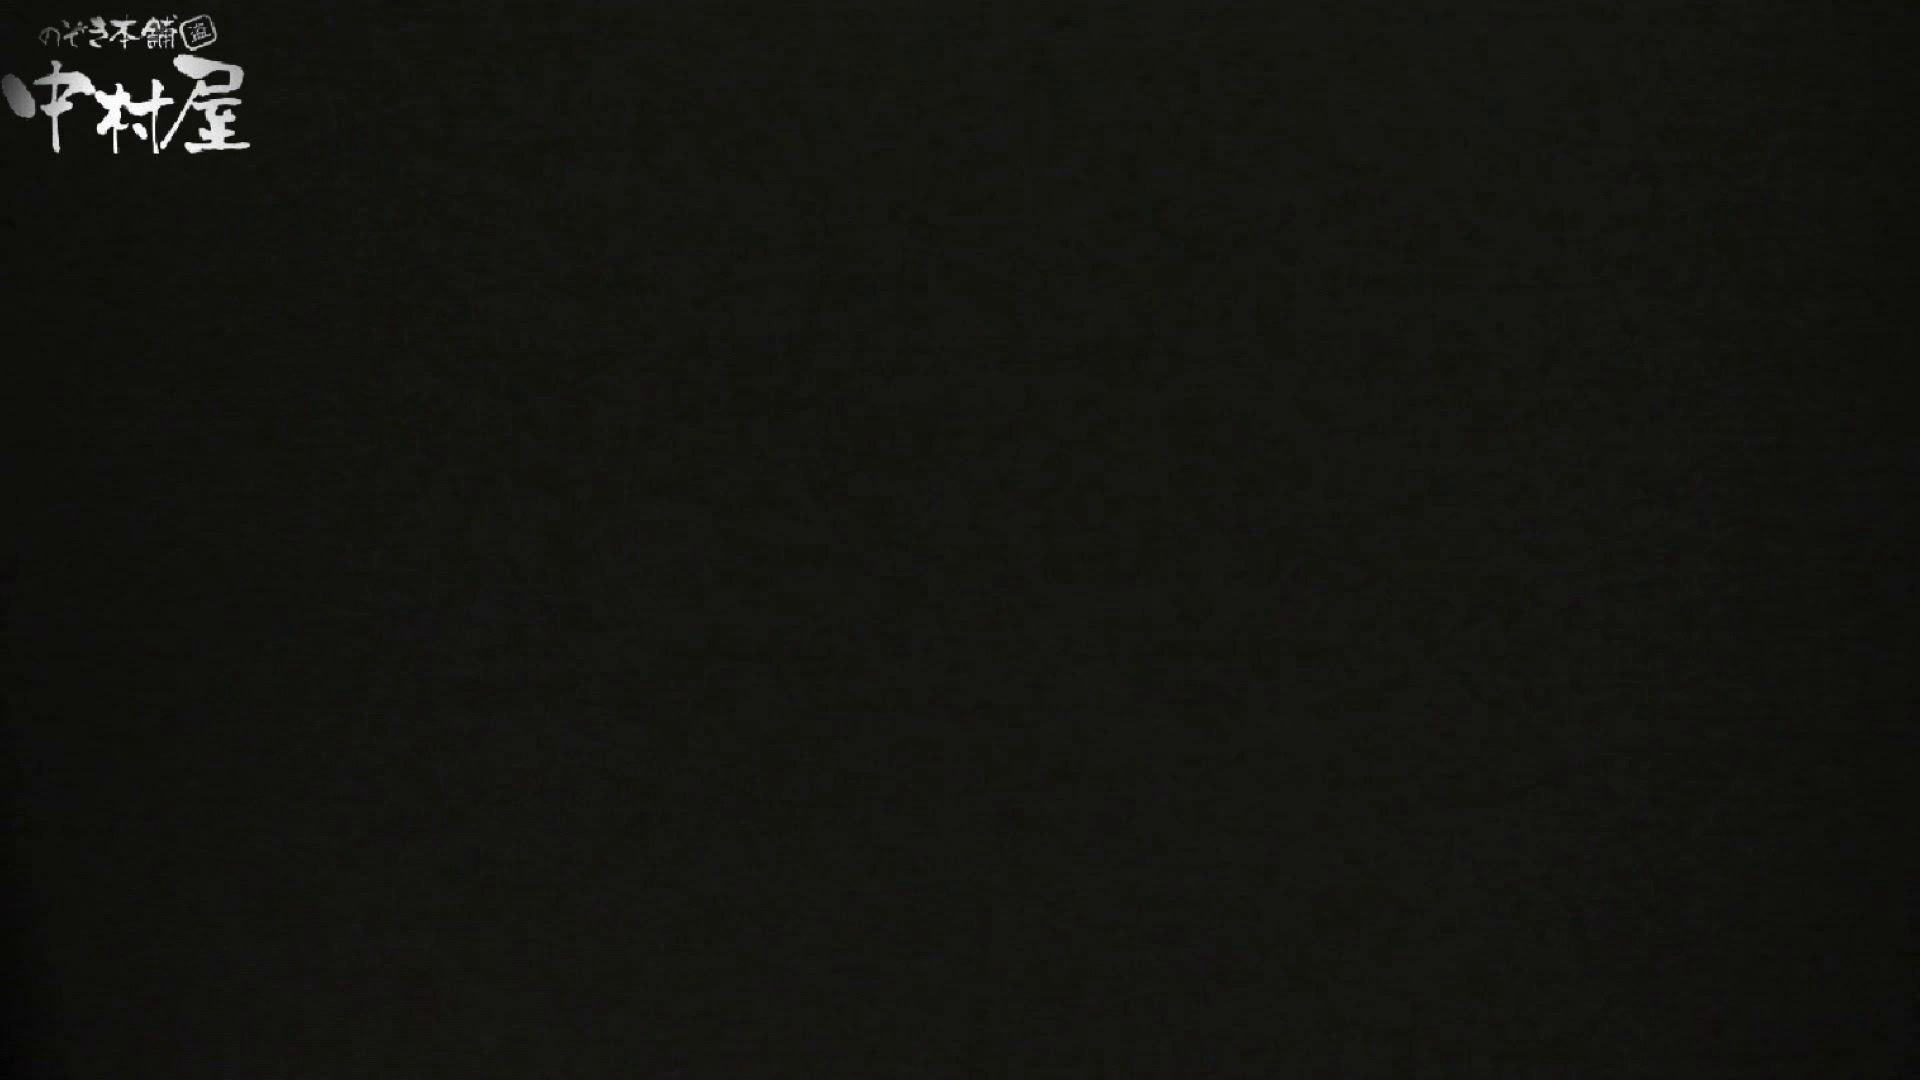 世界の射窓から~vol47 珍しい、毛からしたってくる聖水 OLエロ画像 | 0  113PICs 79